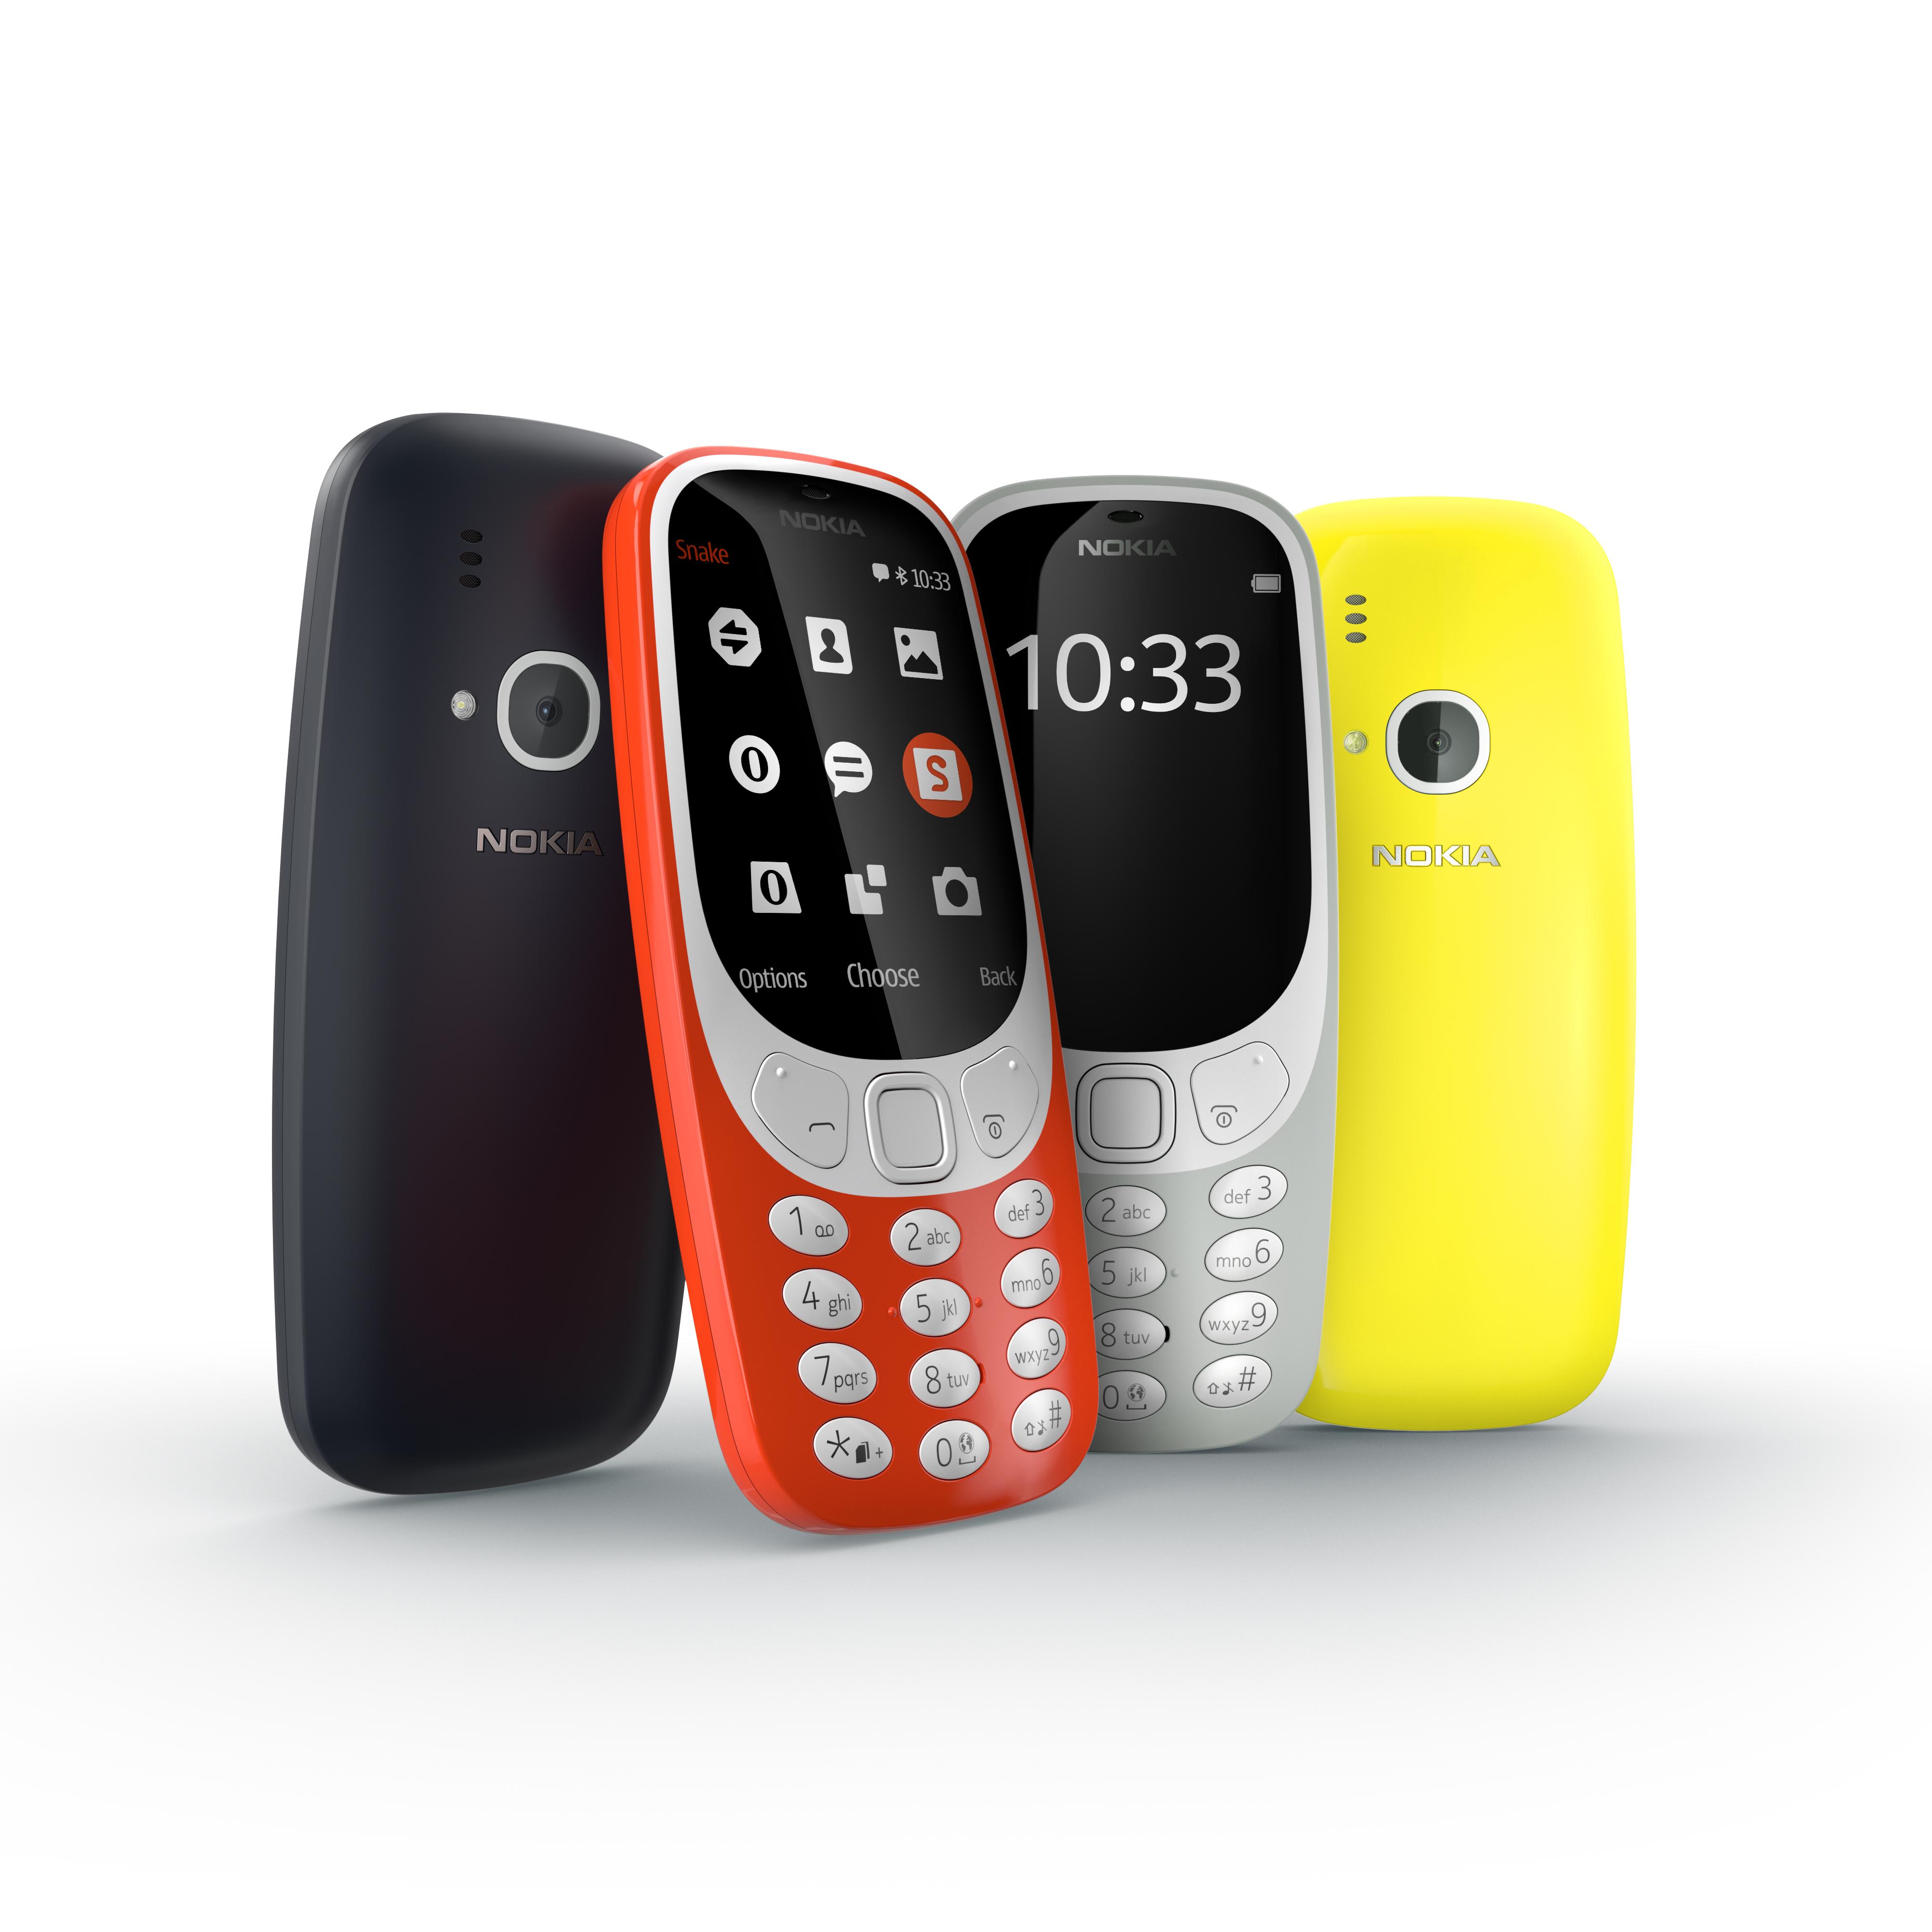 Handy-Klassiker: HMD Global bringt das Nokia 3310 zurück - Das Nokia 3310 kommt in vier Farbvarianten in den Handel. (Bild: HMD Global)